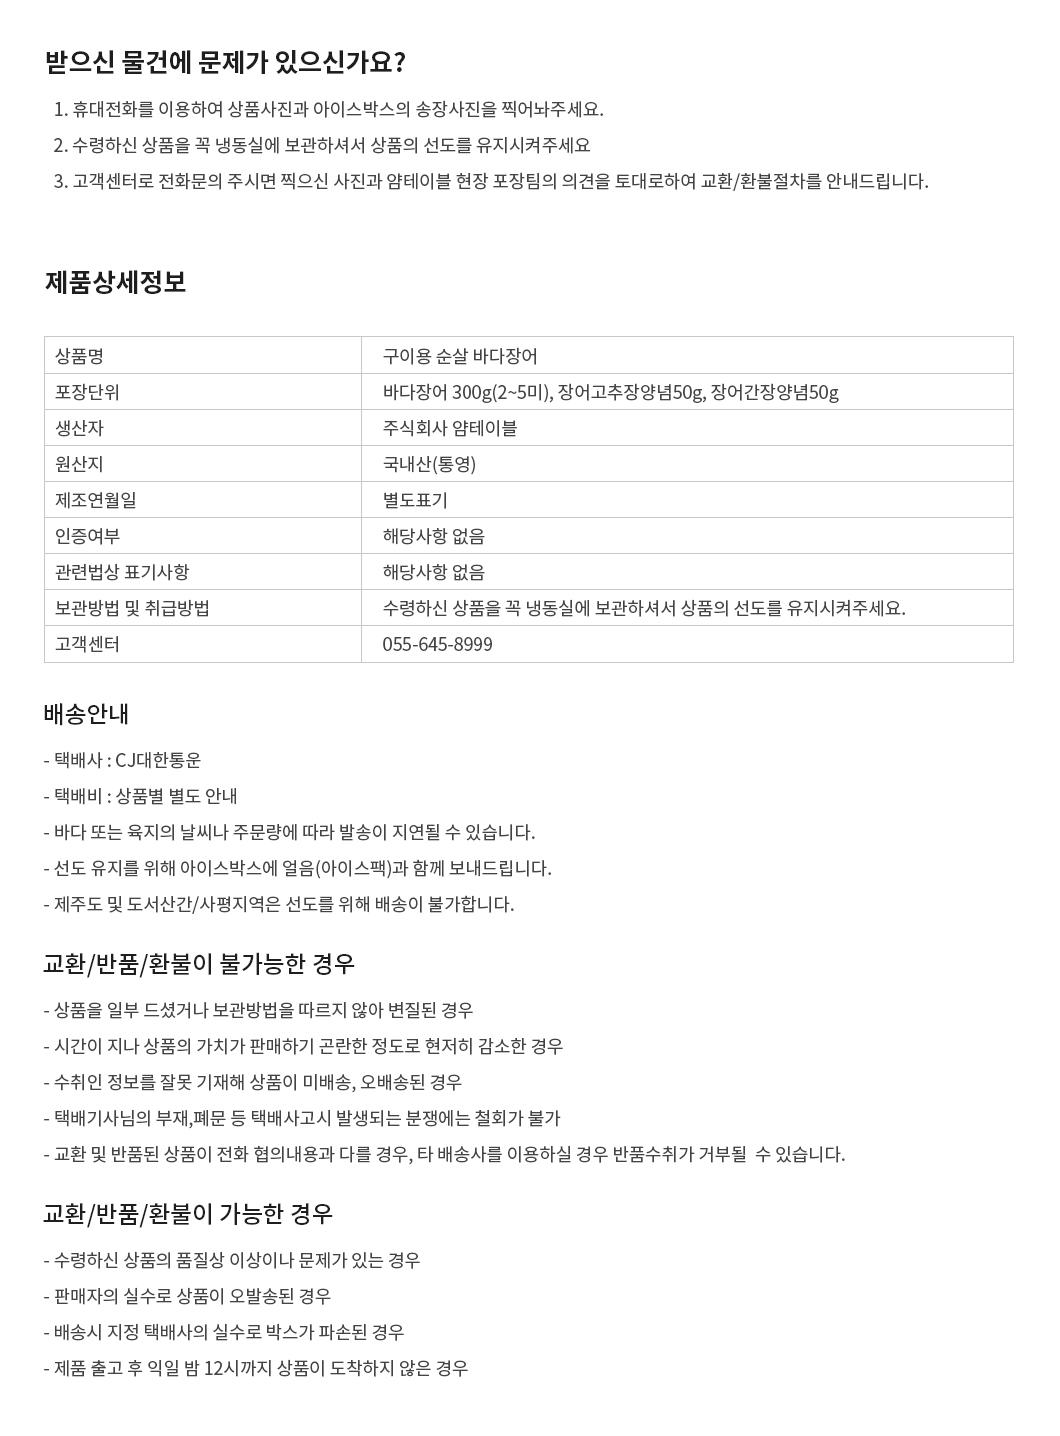 순살장어-상품정보.jpg